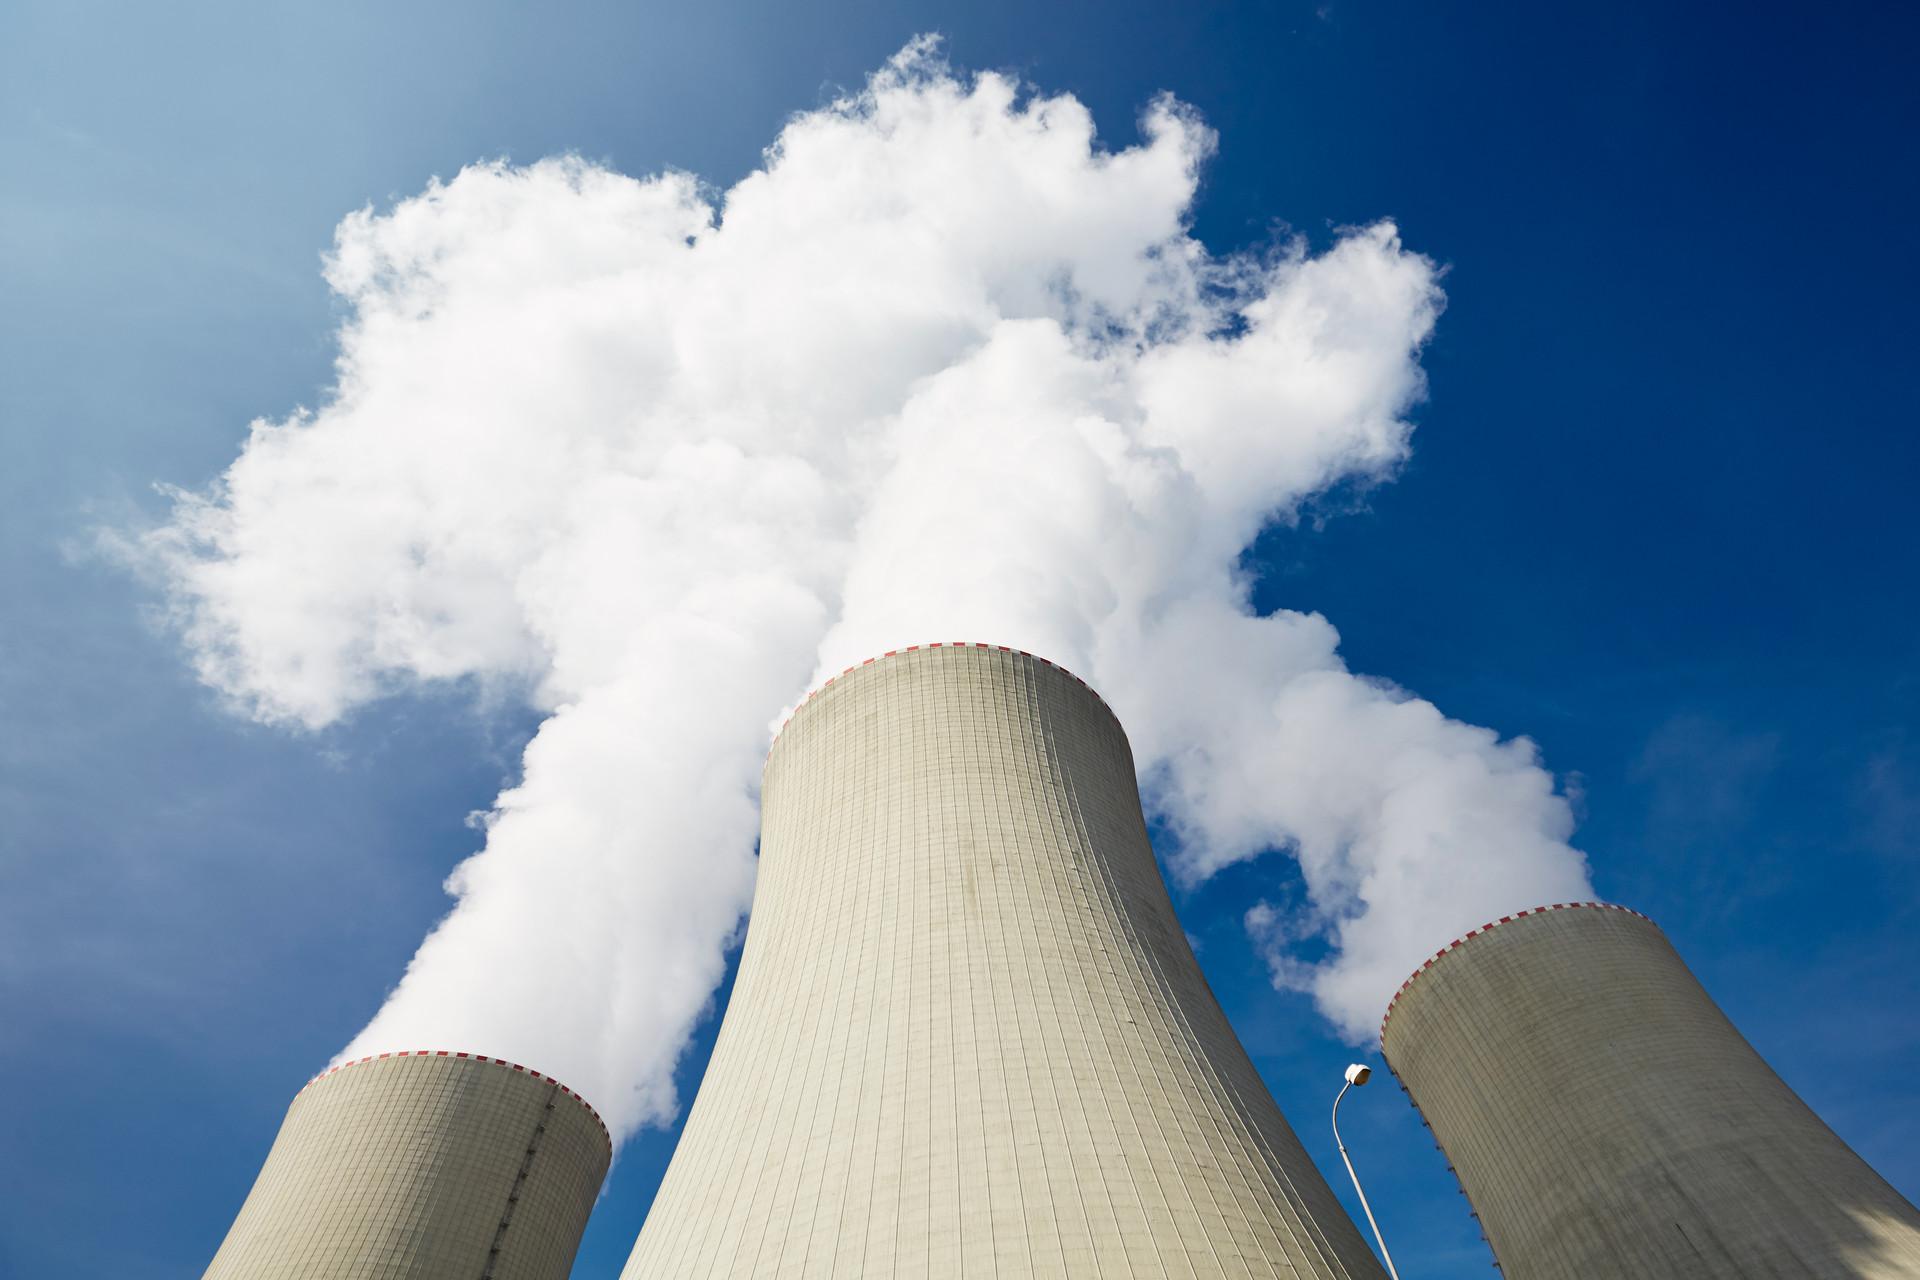 nuclear-power-plant-P8NXX28.jpg